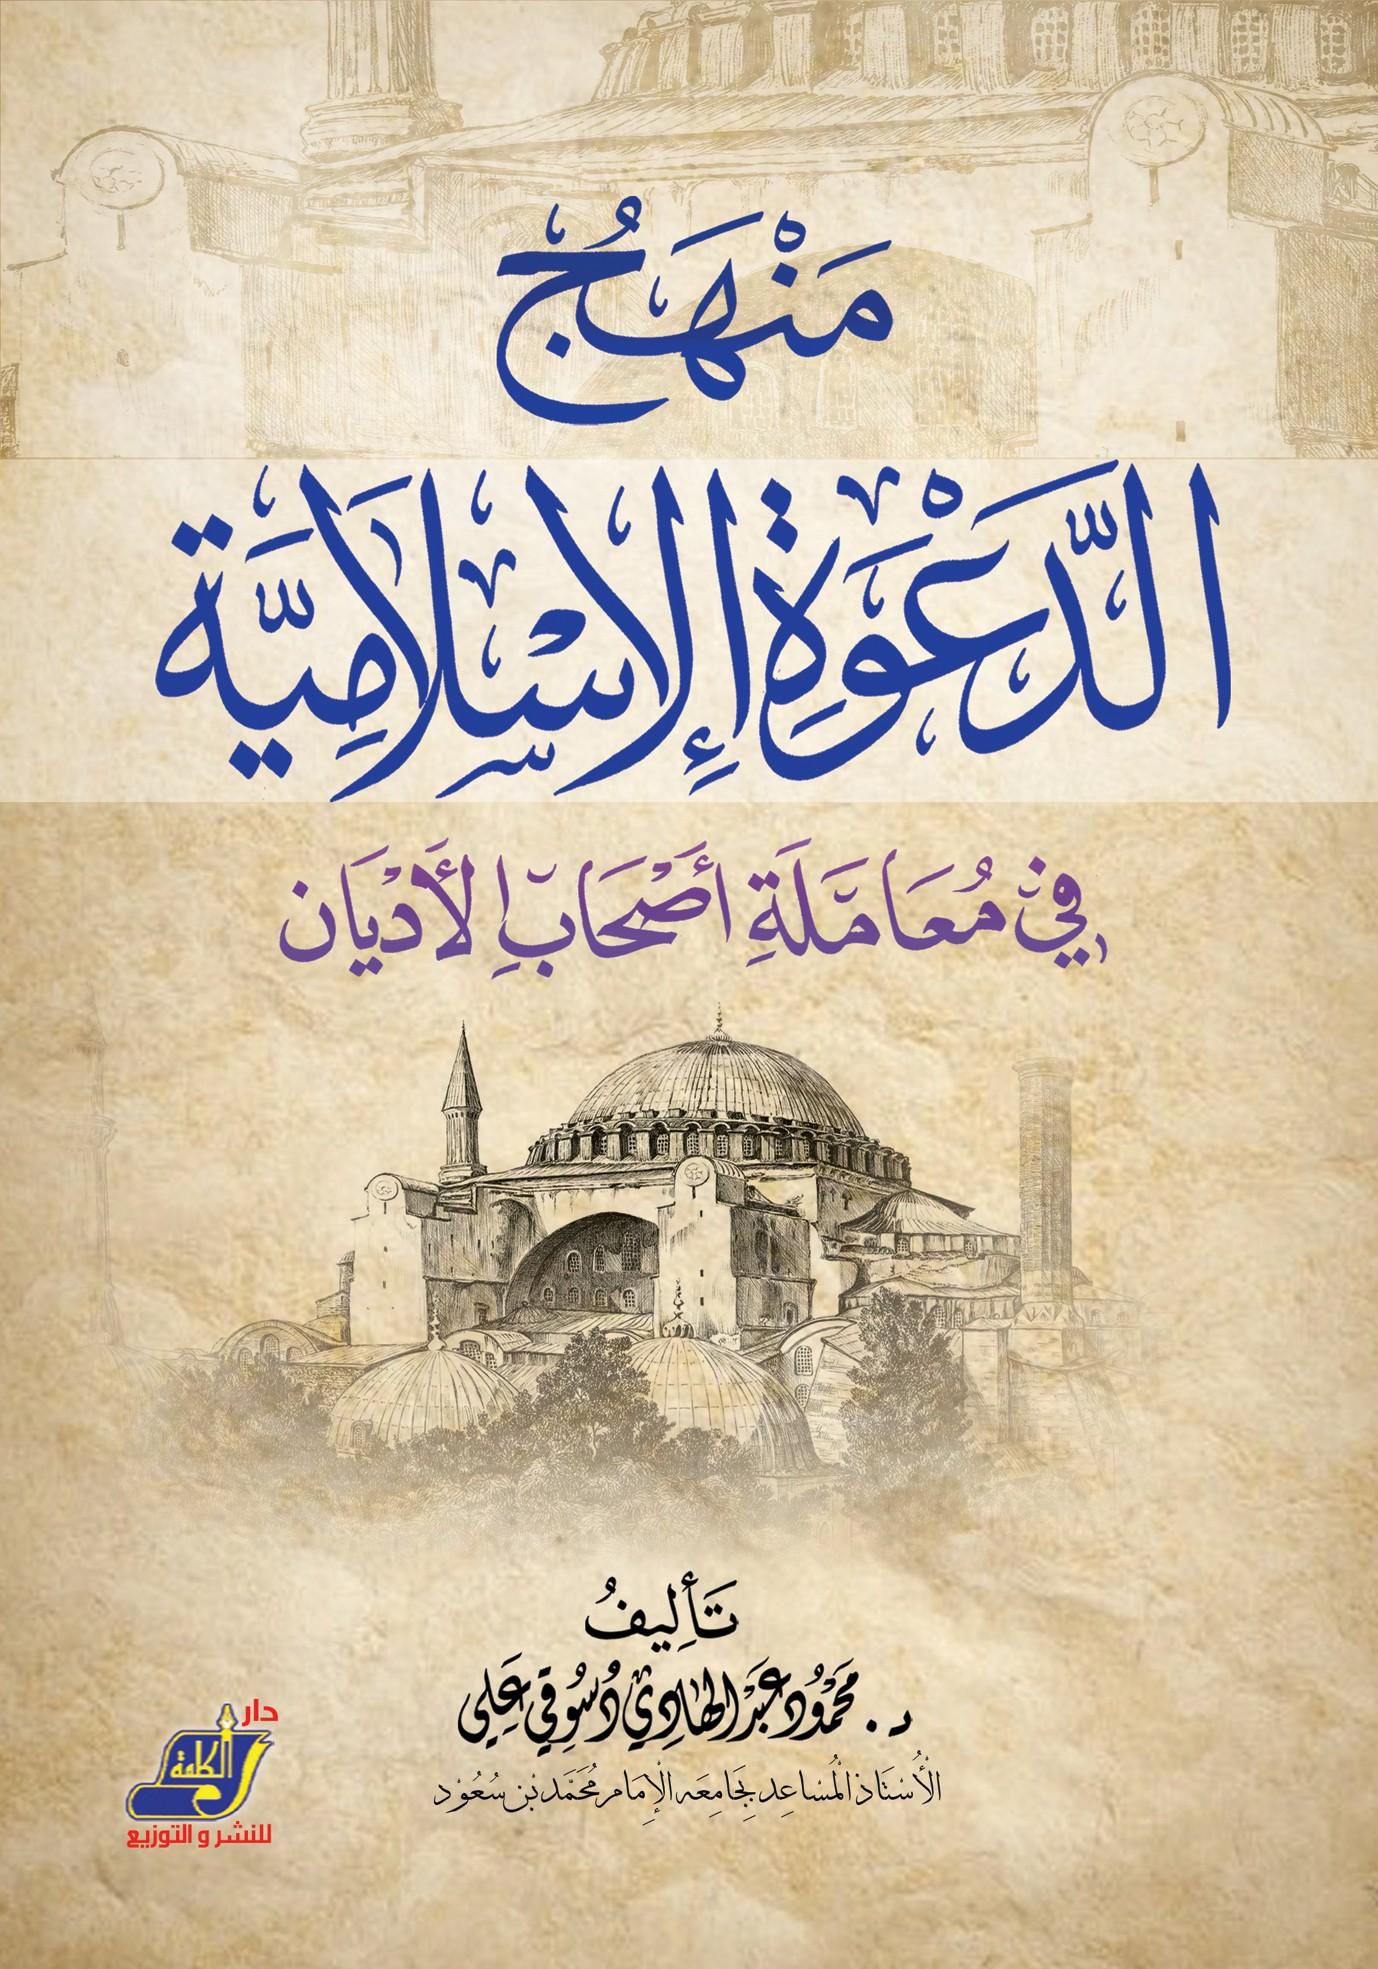 منهج الدعوة الاسلامية فى معاملة أصحاب الأديان